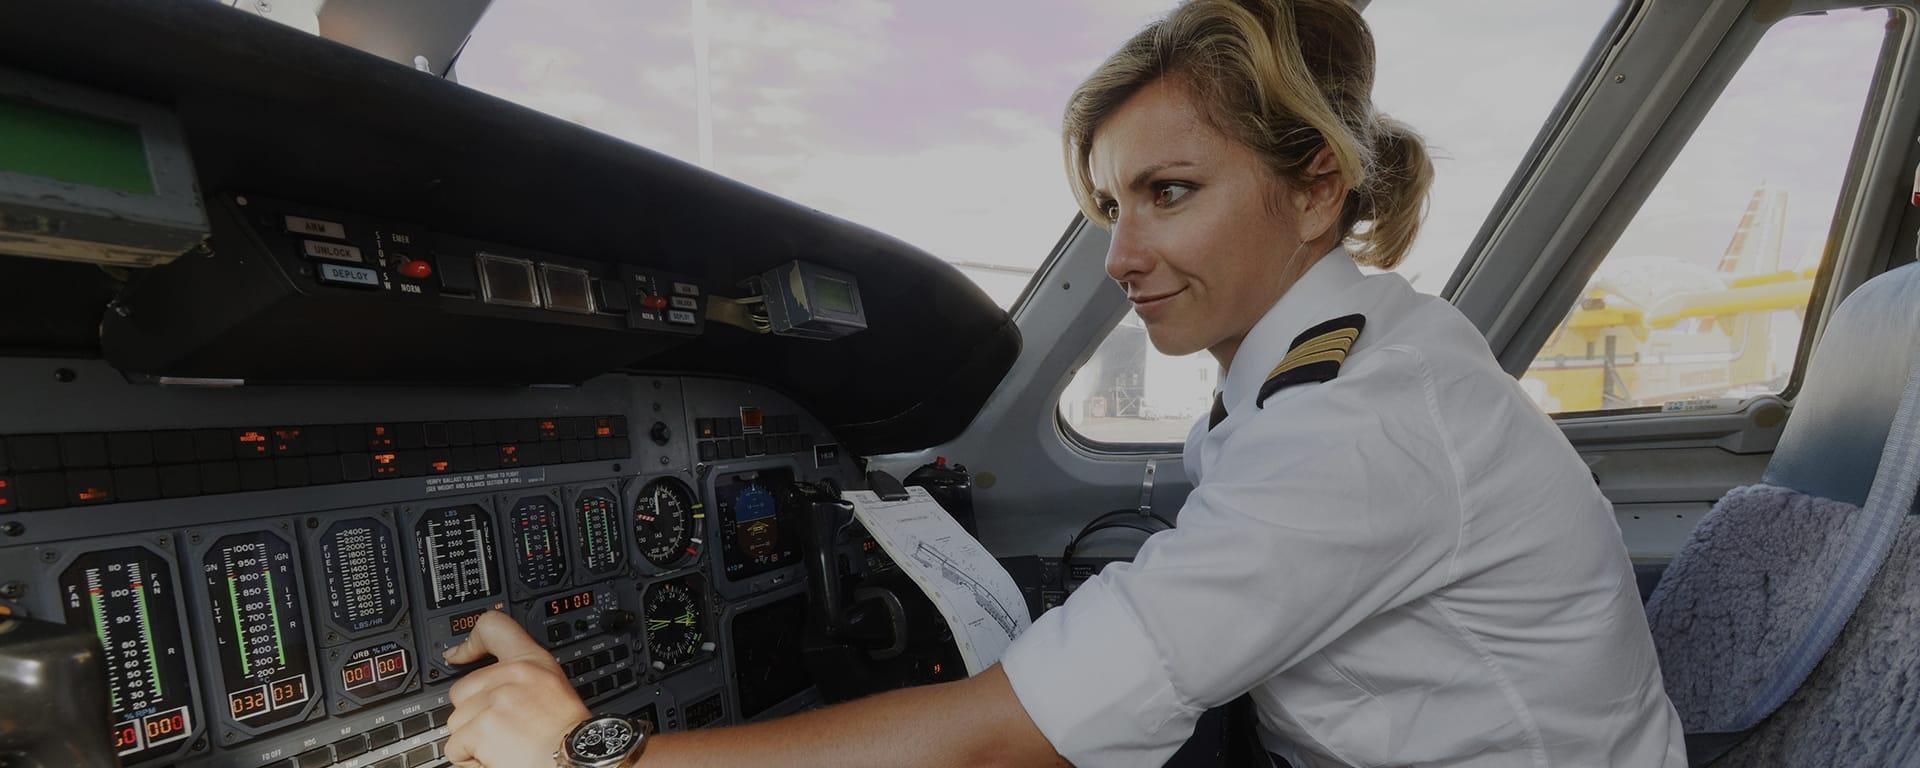 Recrutement aéronautique pour la compagnie aérienne privée Astonjet : pilote commandant de bord